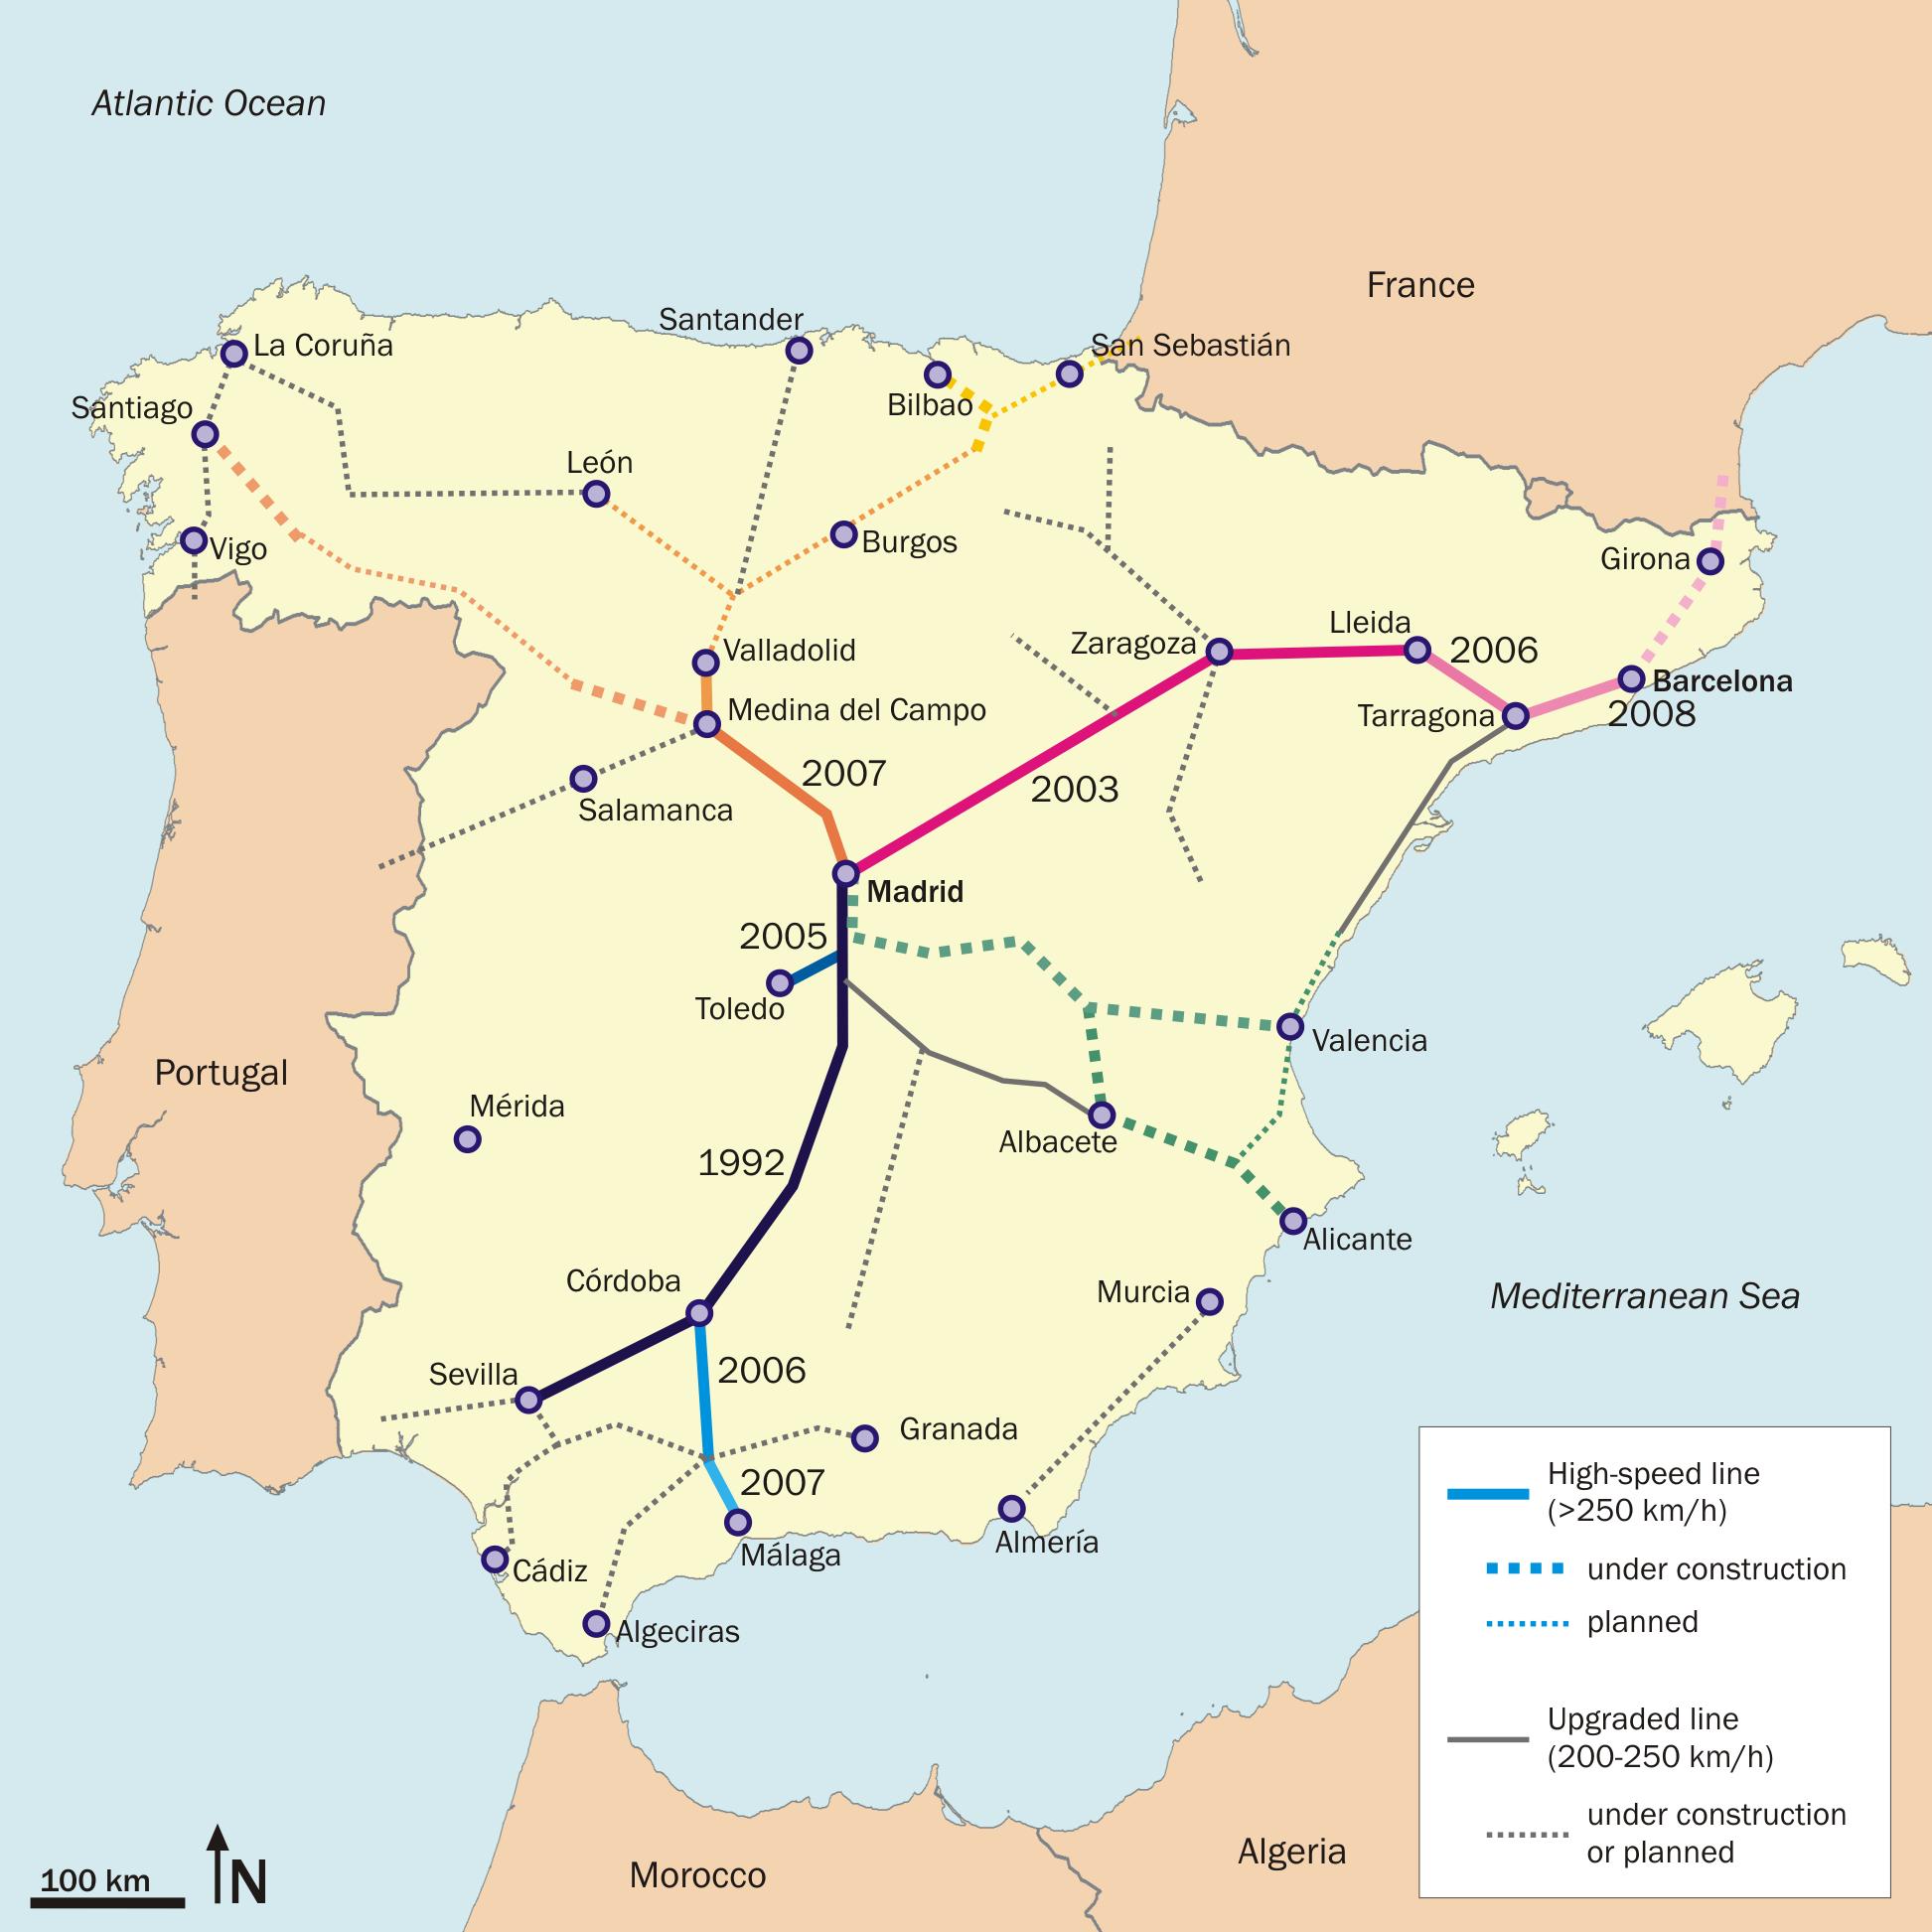 mapa comboios espanha Estratégia (teste de conhecimentos) | BLASFÉMIAS mapa comboios espanha